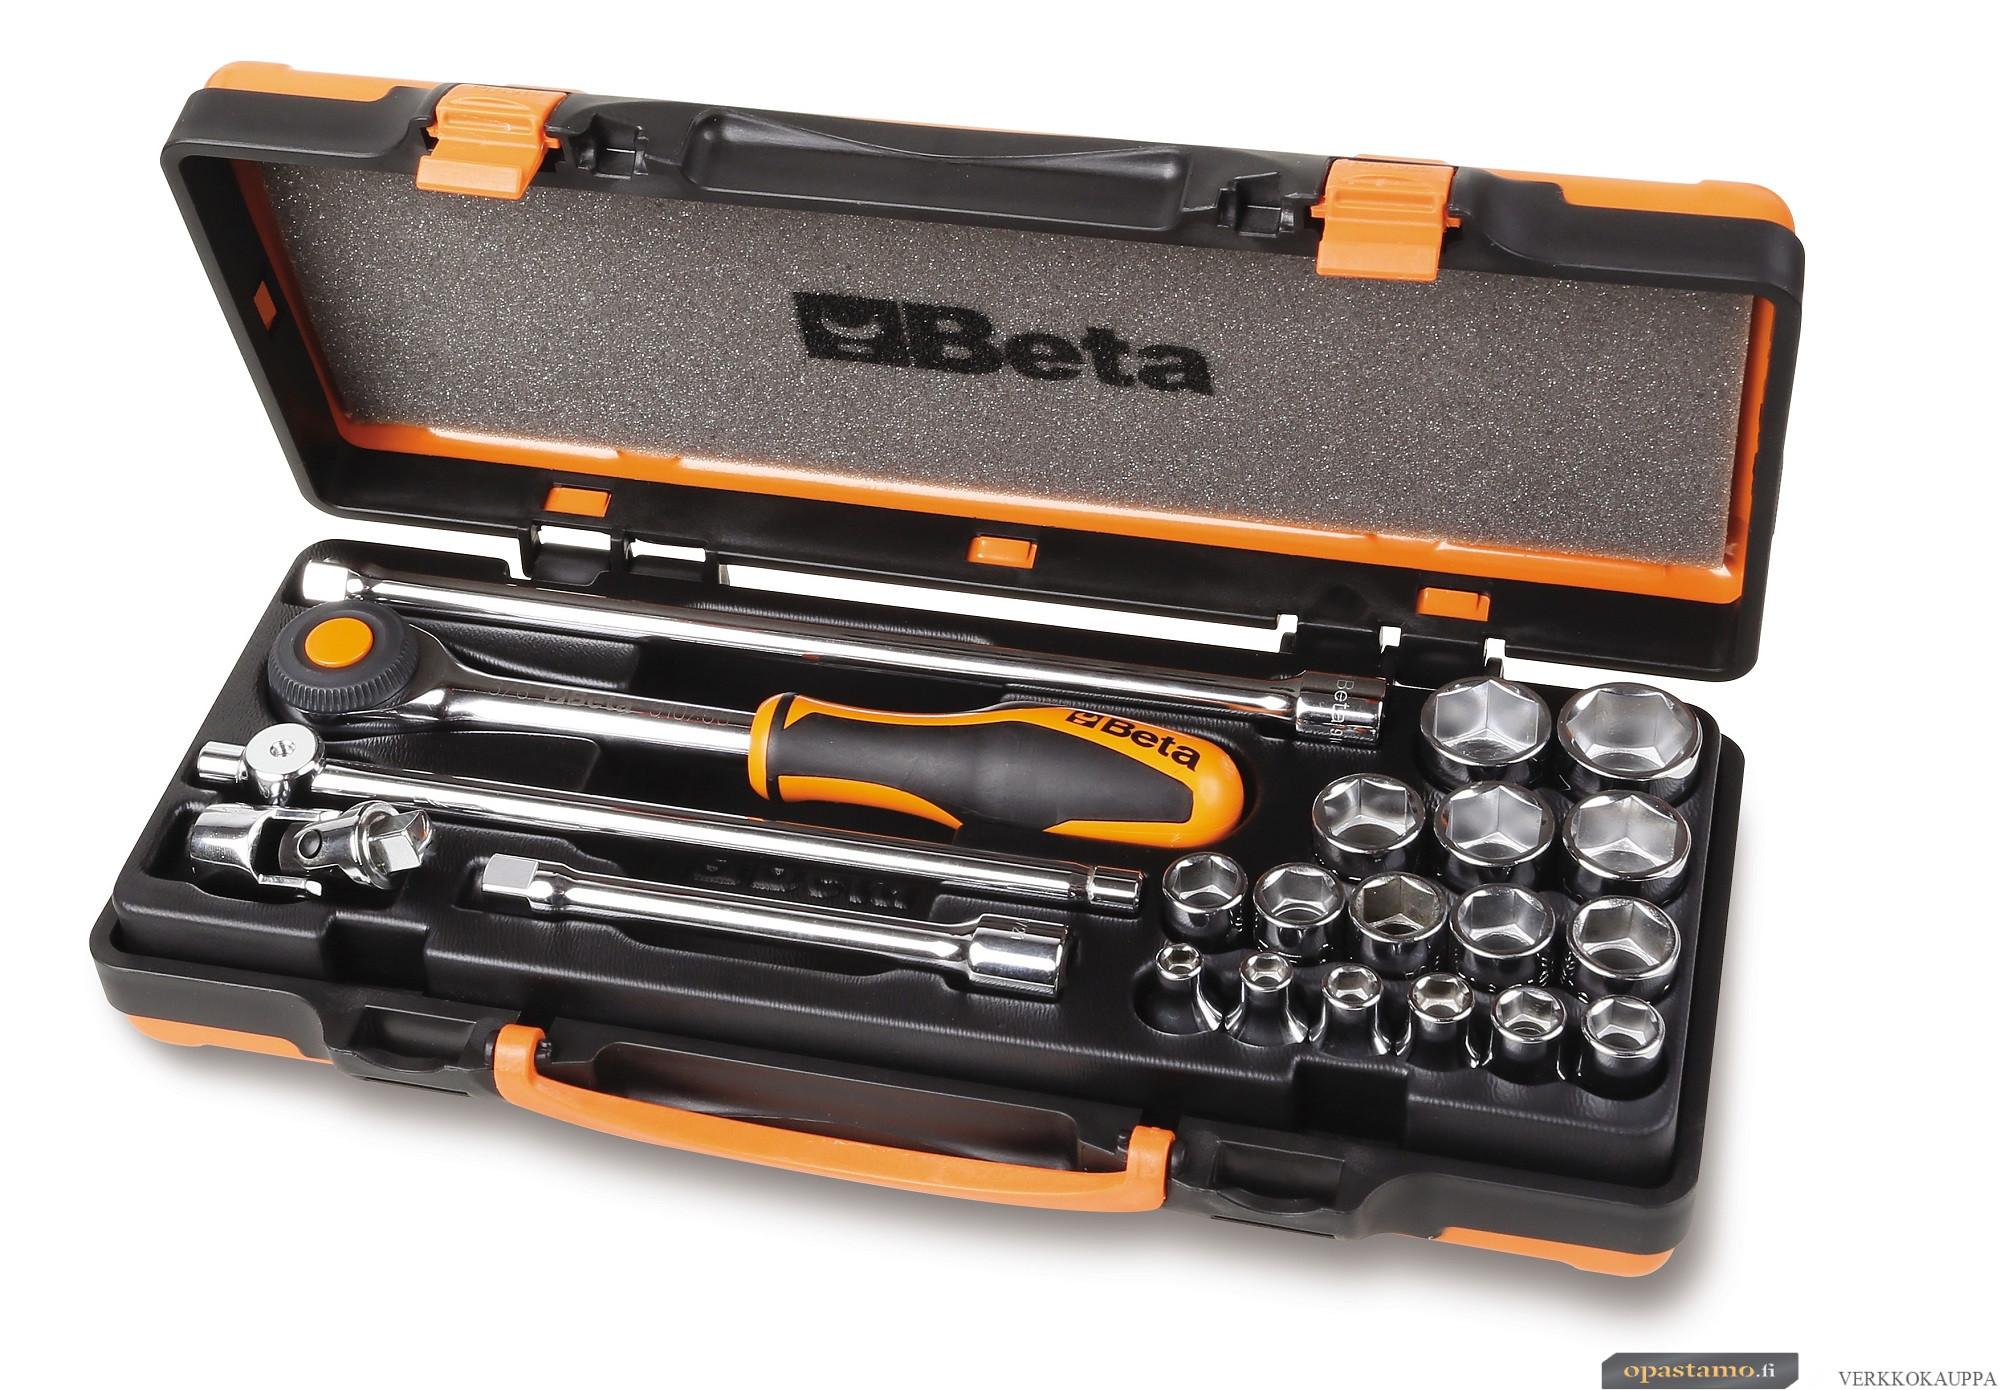 """BETA 910A/C16HR Hylsysarjassa 16 hylsyä ja 5 tarviketta, vääntiö 3/8"""" kuusikulmaiset hylsyt 6 - 7 - 8 - 9 - 10 - 11 - 12 - 13 14 - 15 - 16 - 17 - 18 - 19 21 - 22 mm"""